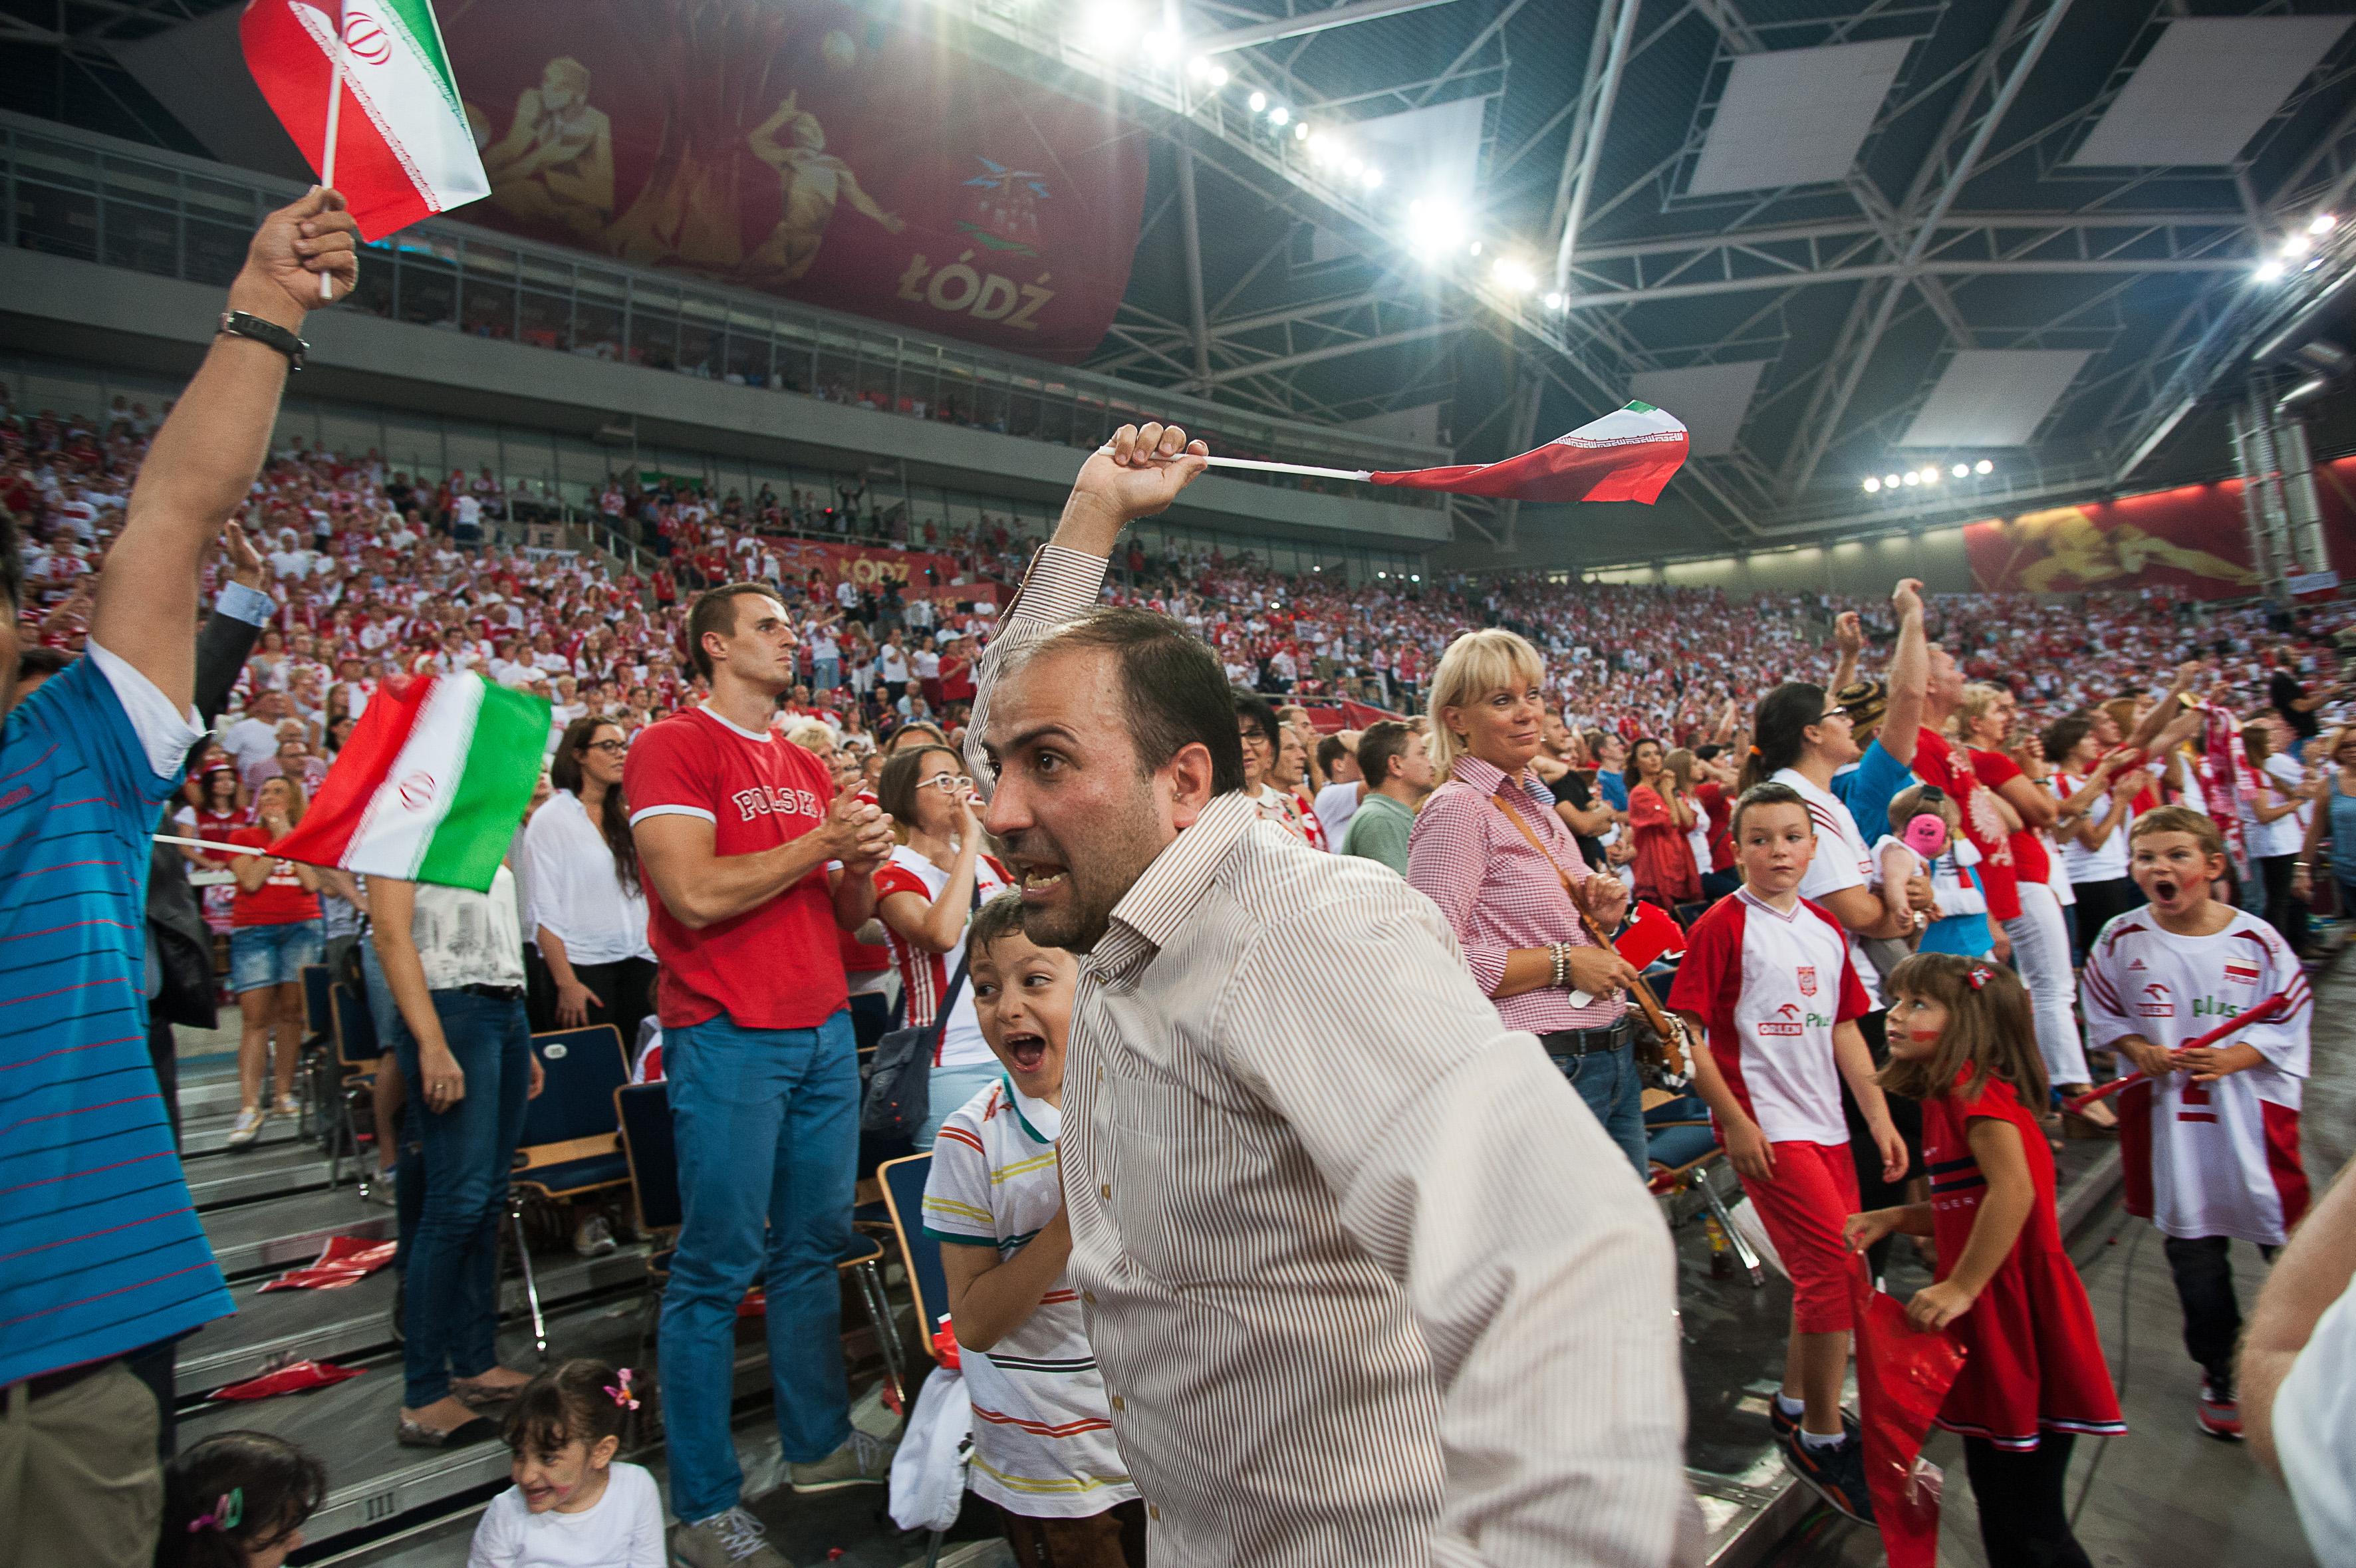 تماشاگران والیبال تماشاگران ایرانی بیوگرافی کواچ ایم ملی والیبال